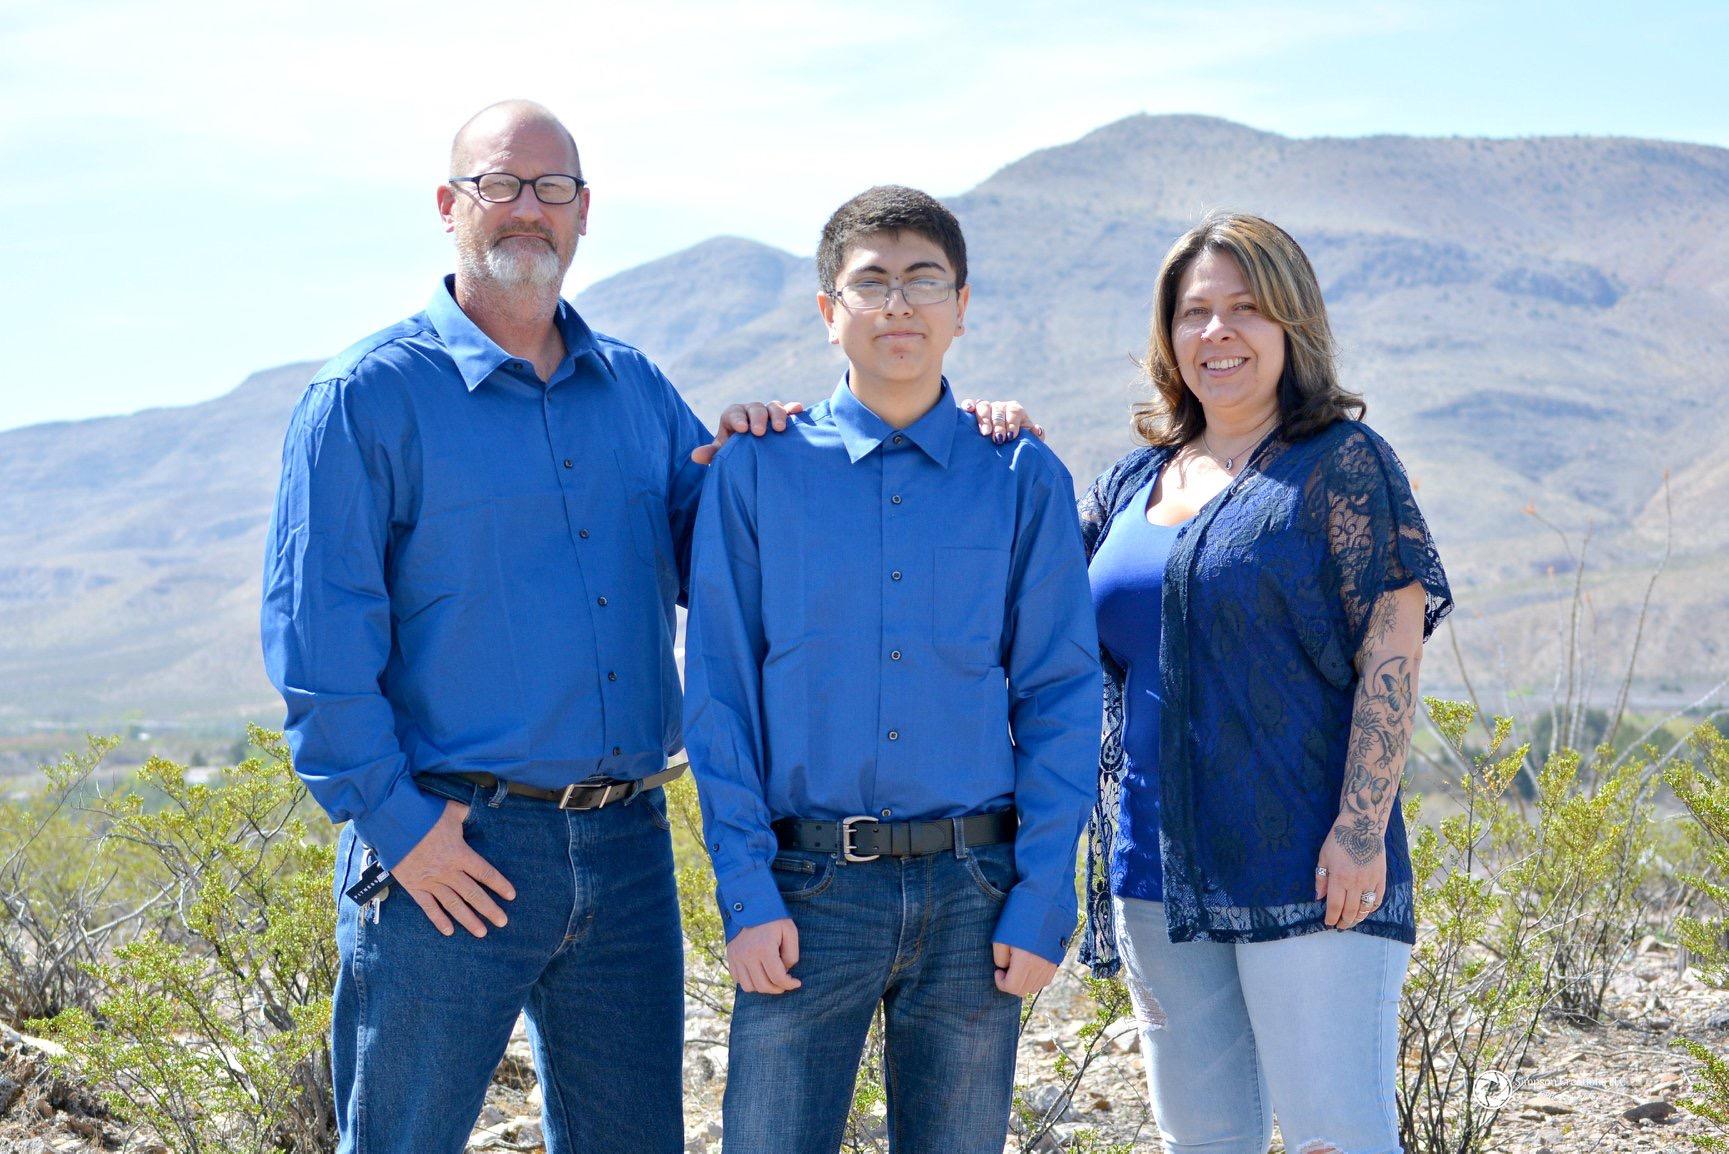 teenager hopes for heart transplant